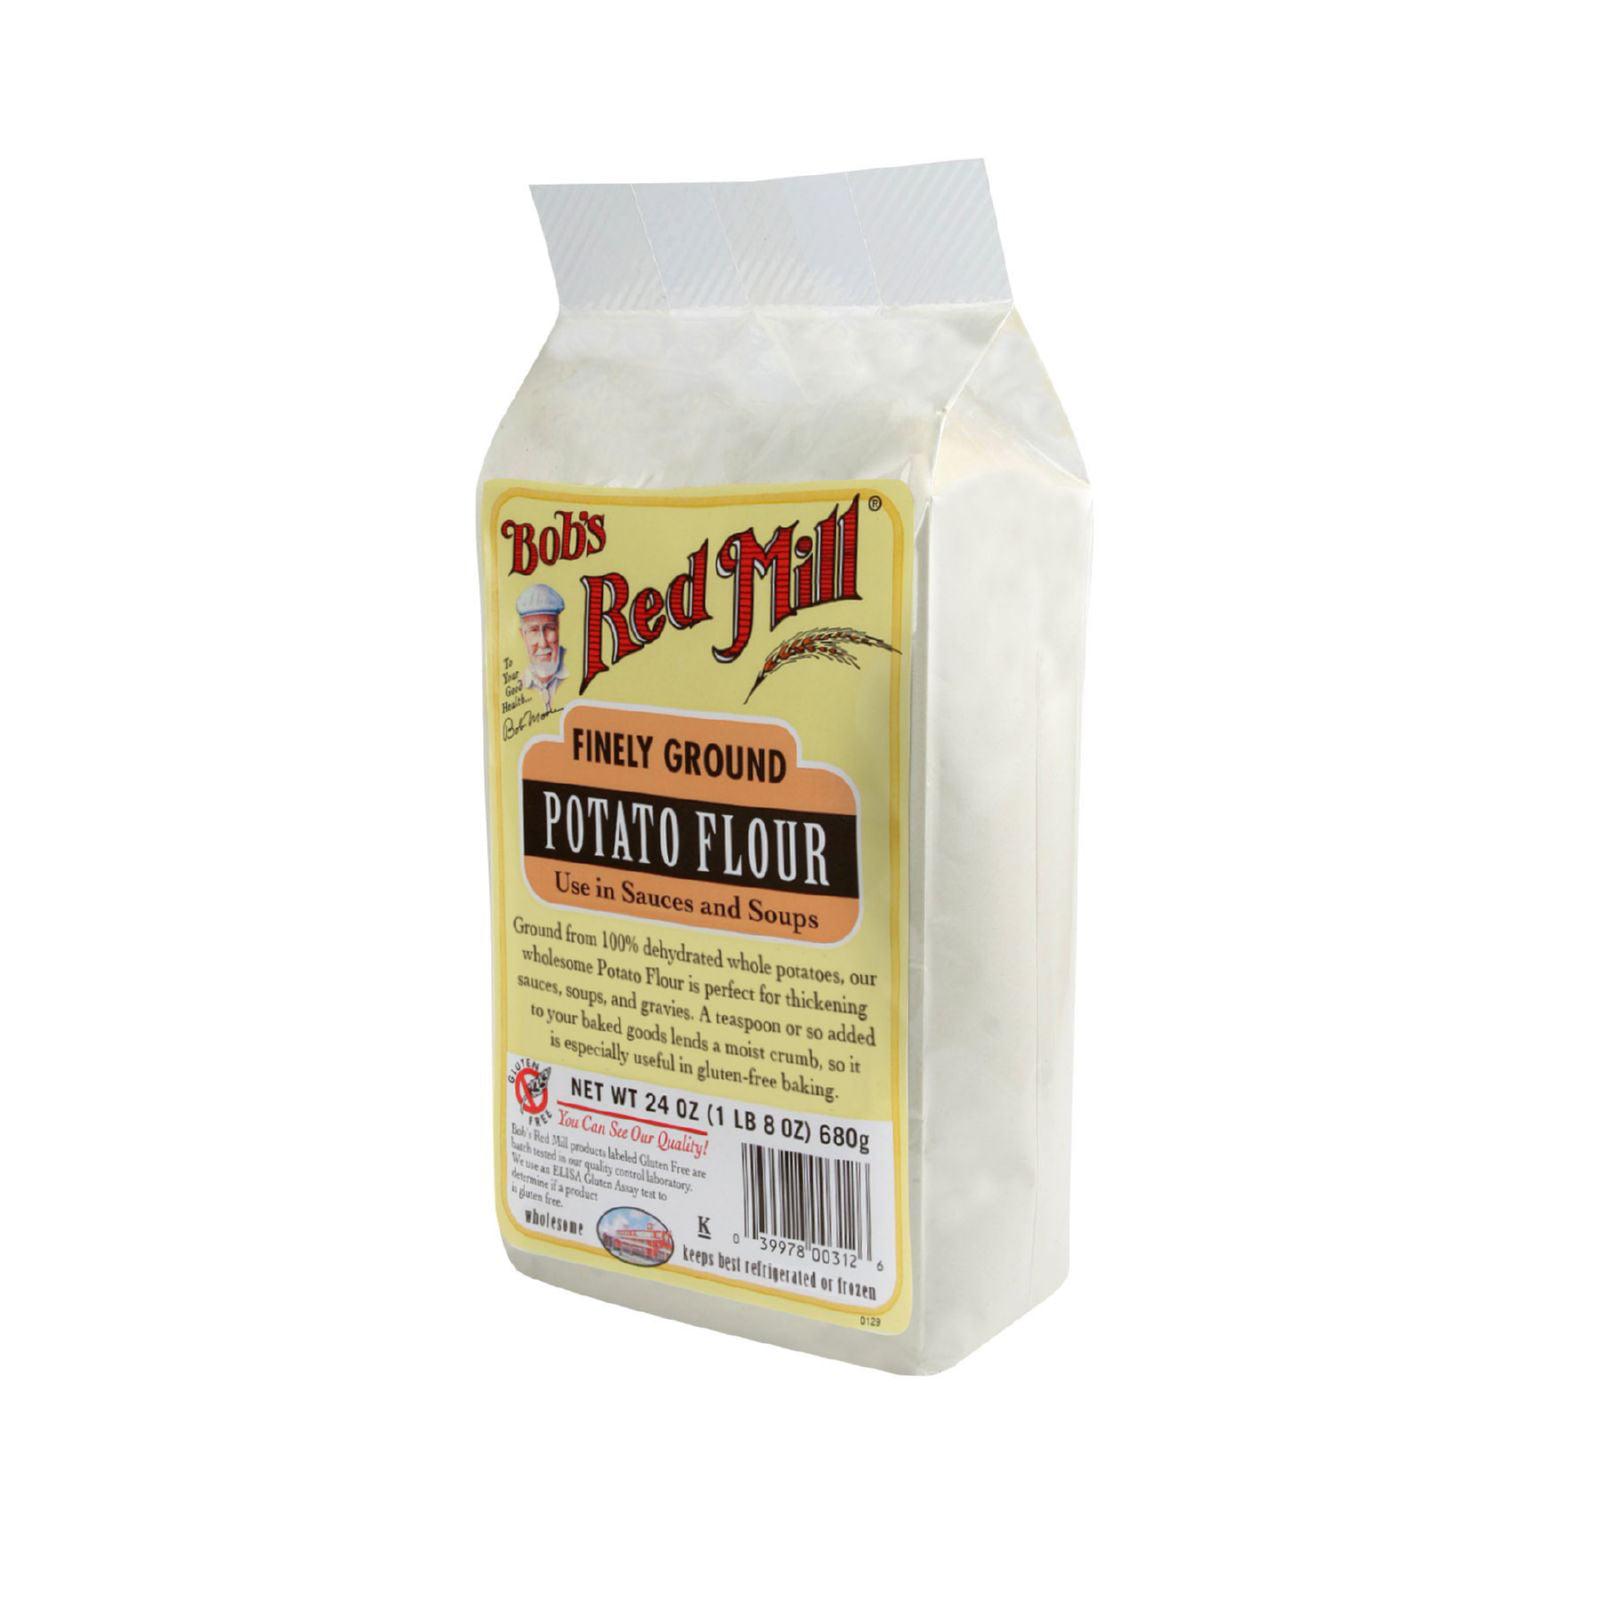 Bob's Red Mill Potato Flour - 24 oz - Case of 4